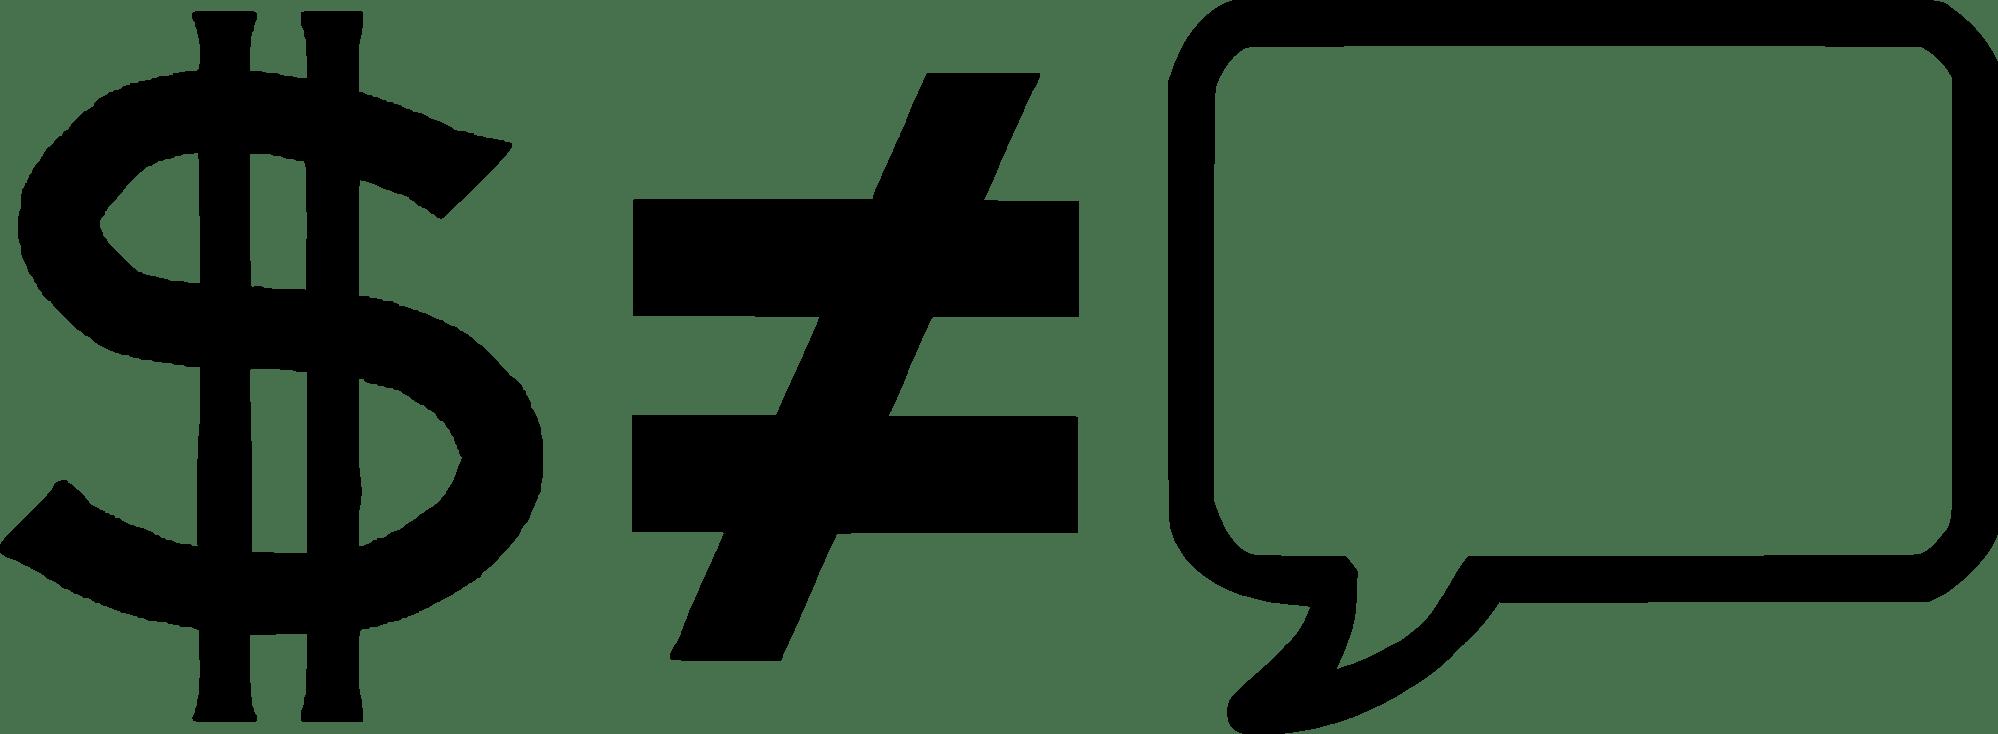 hight resolution of ongelijkheidsteken equals sign symbol logo